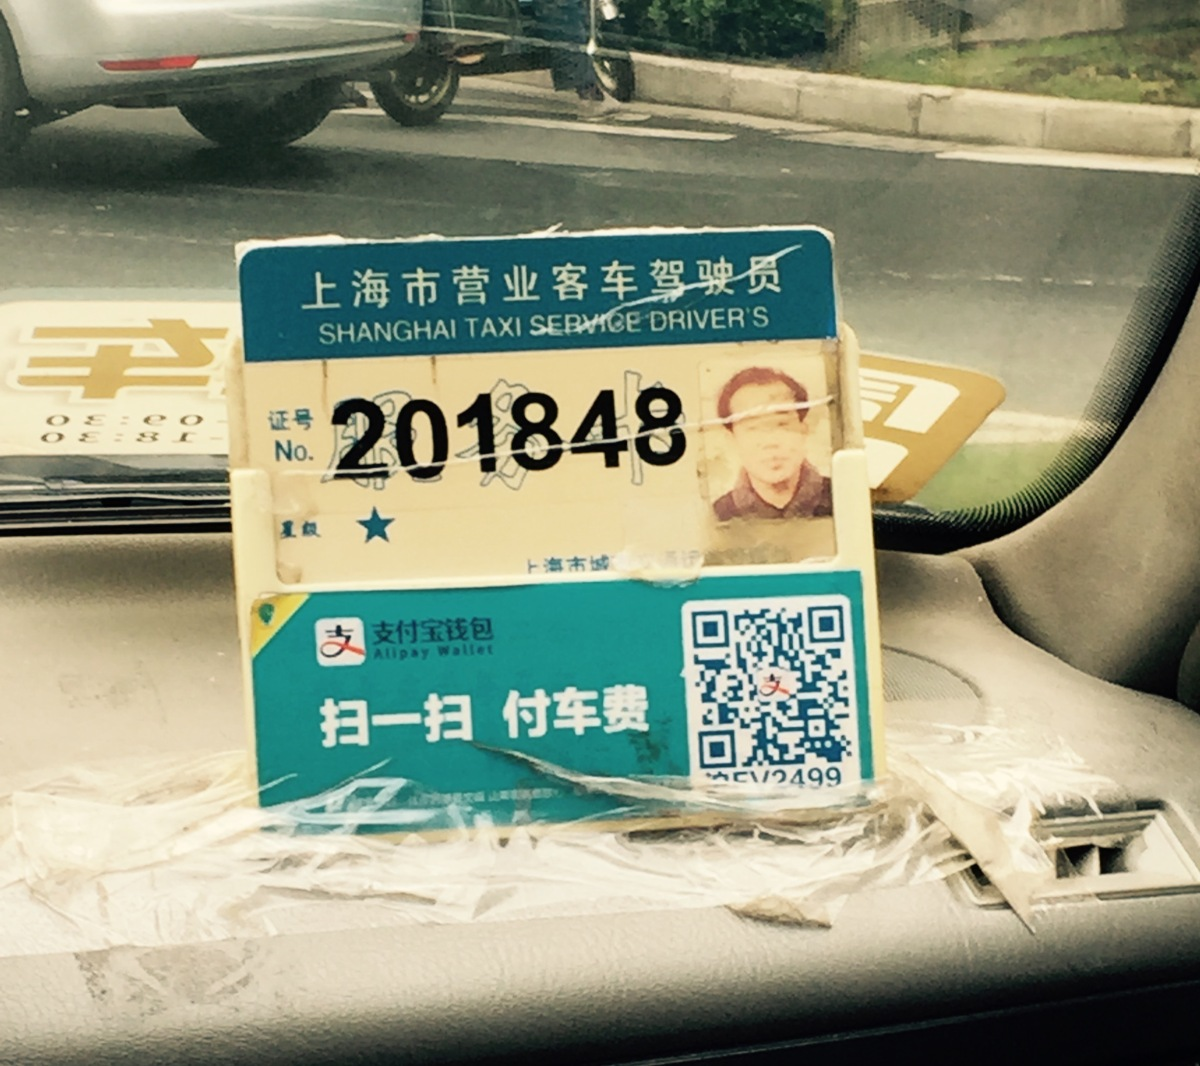 Shanghai Cab Driver